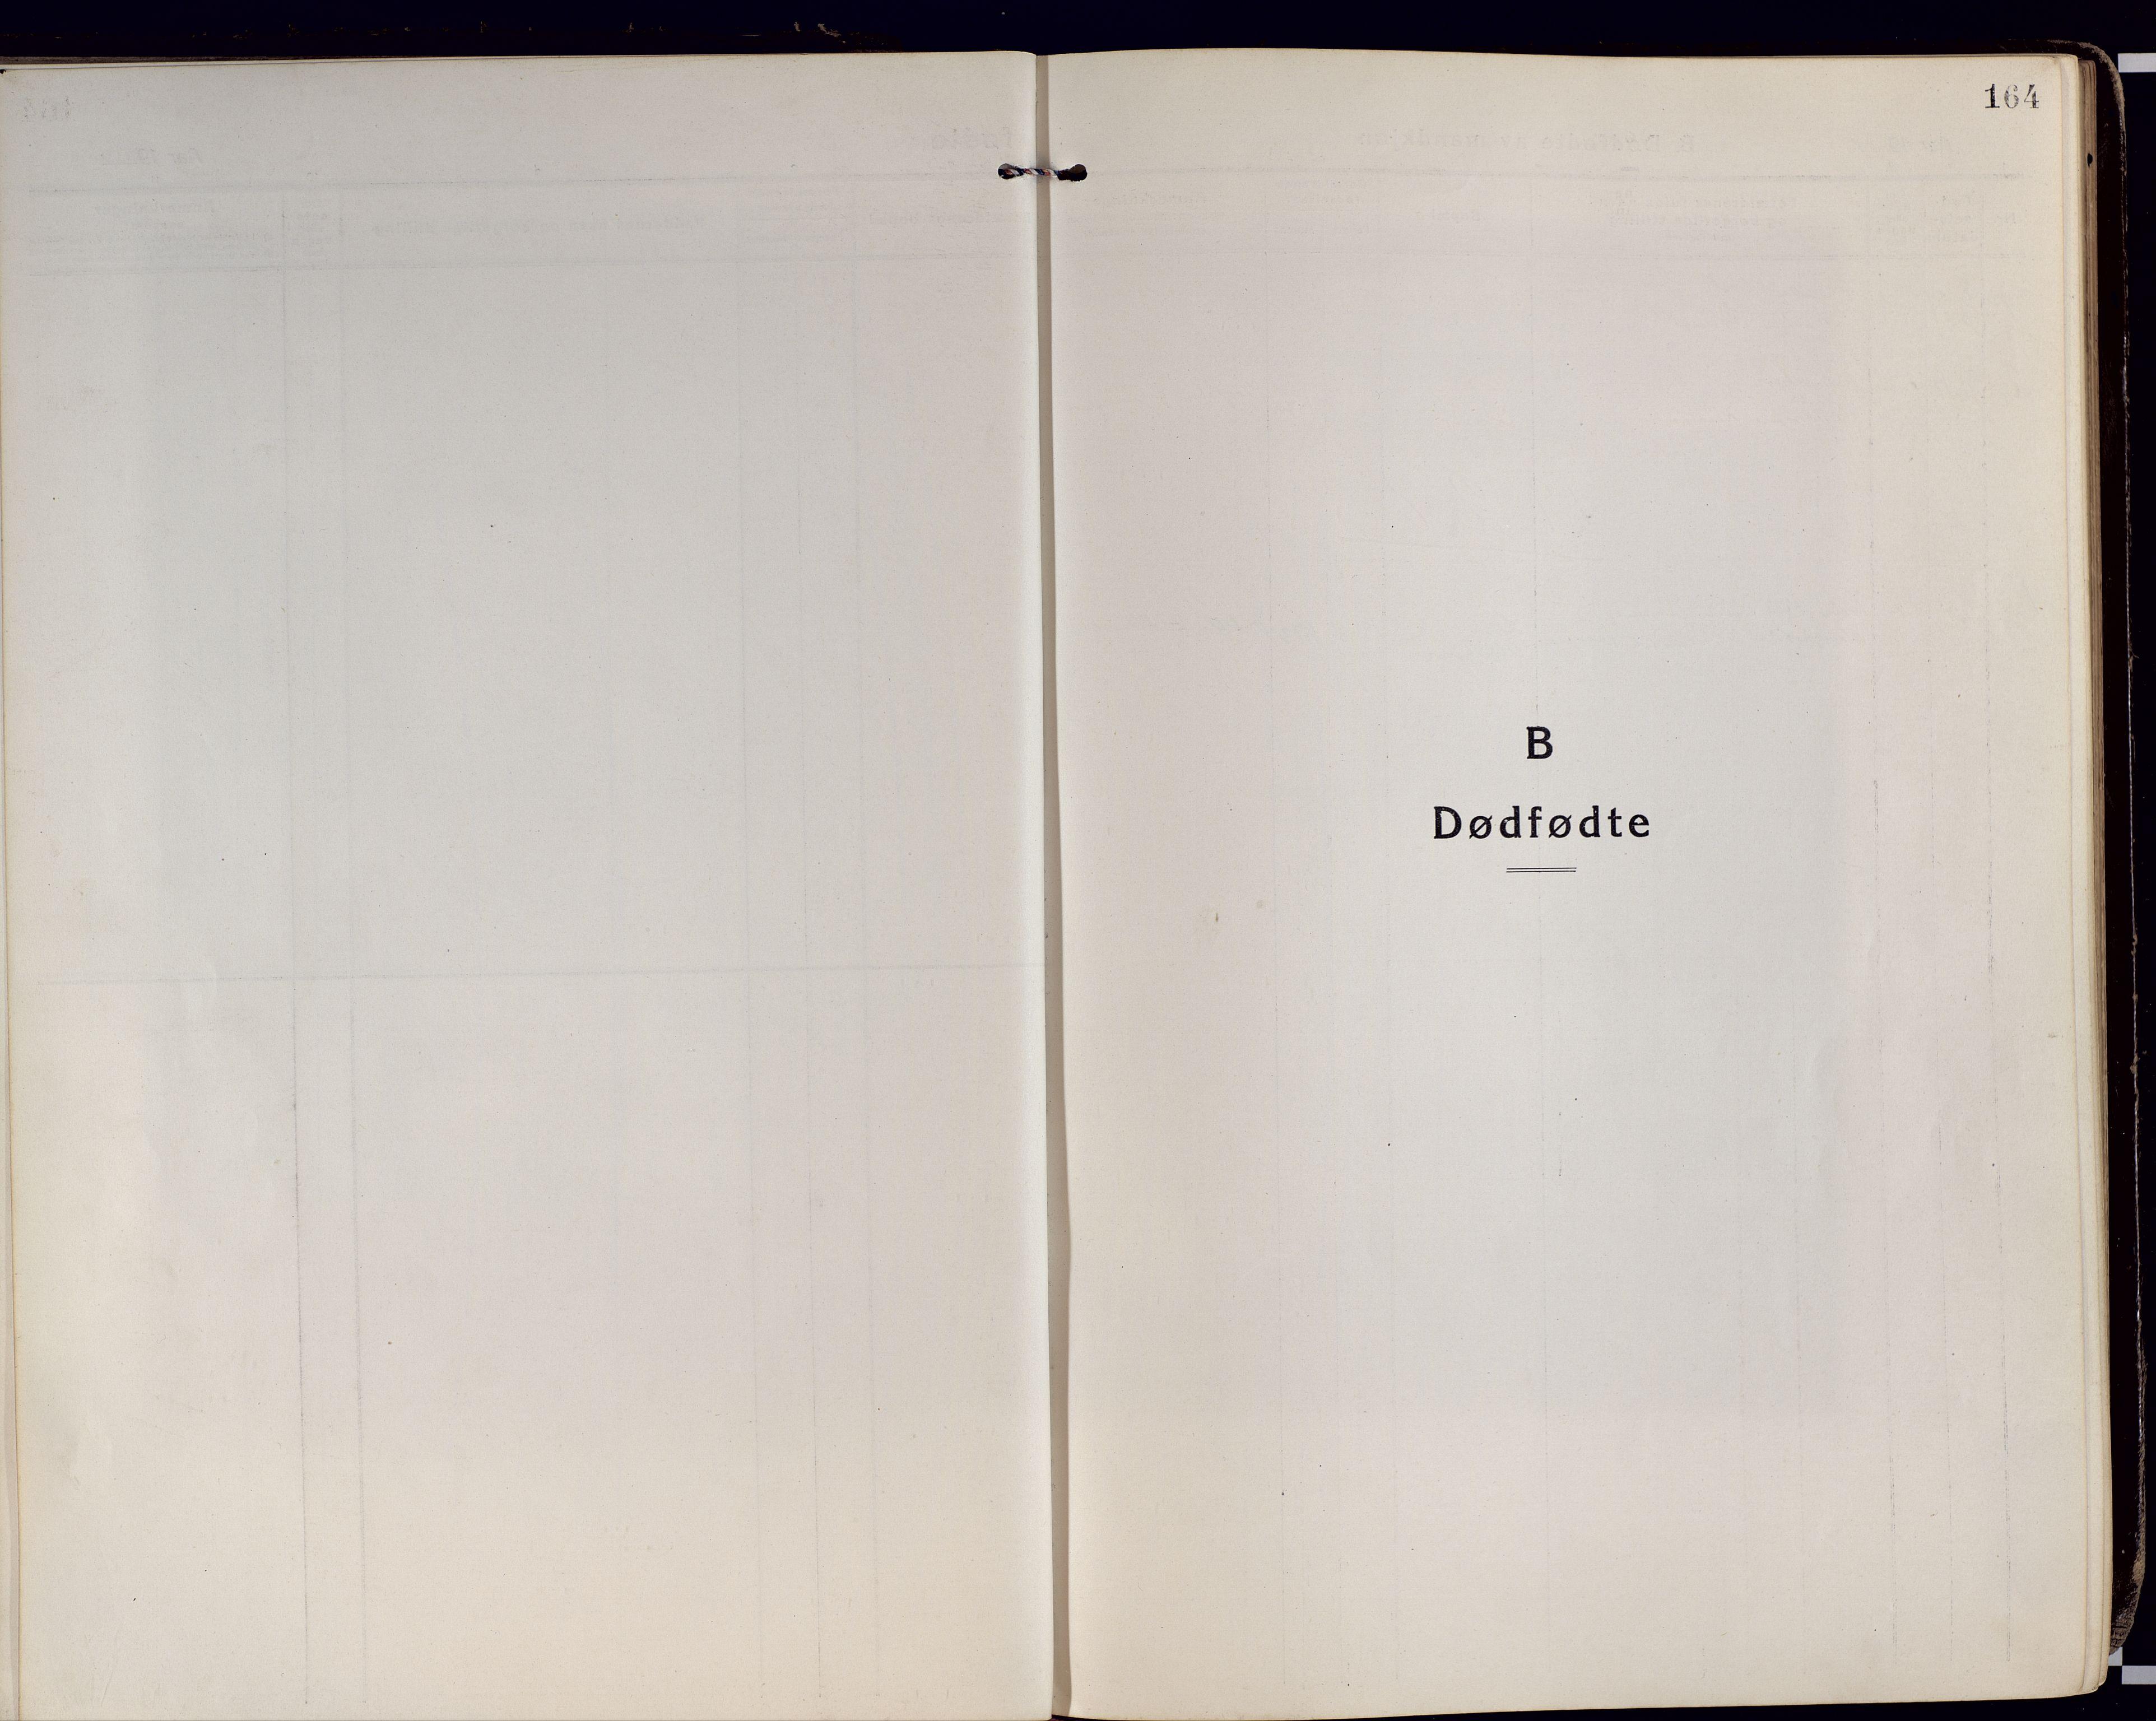 SATØ, Karlsøy sokneprestembete, Ministerialbok nr. 15, 1918-1929, s. 164